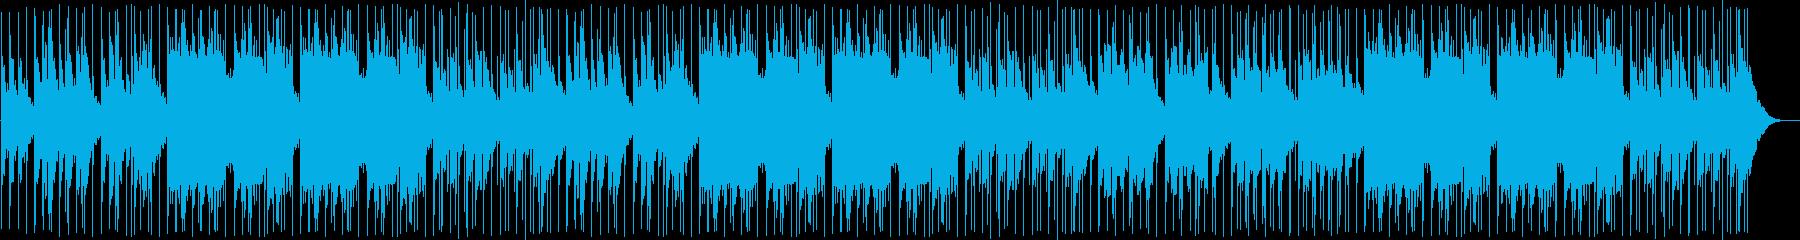 和太鼓のリズムが楽しい和風ミュージックの再生済みの波形